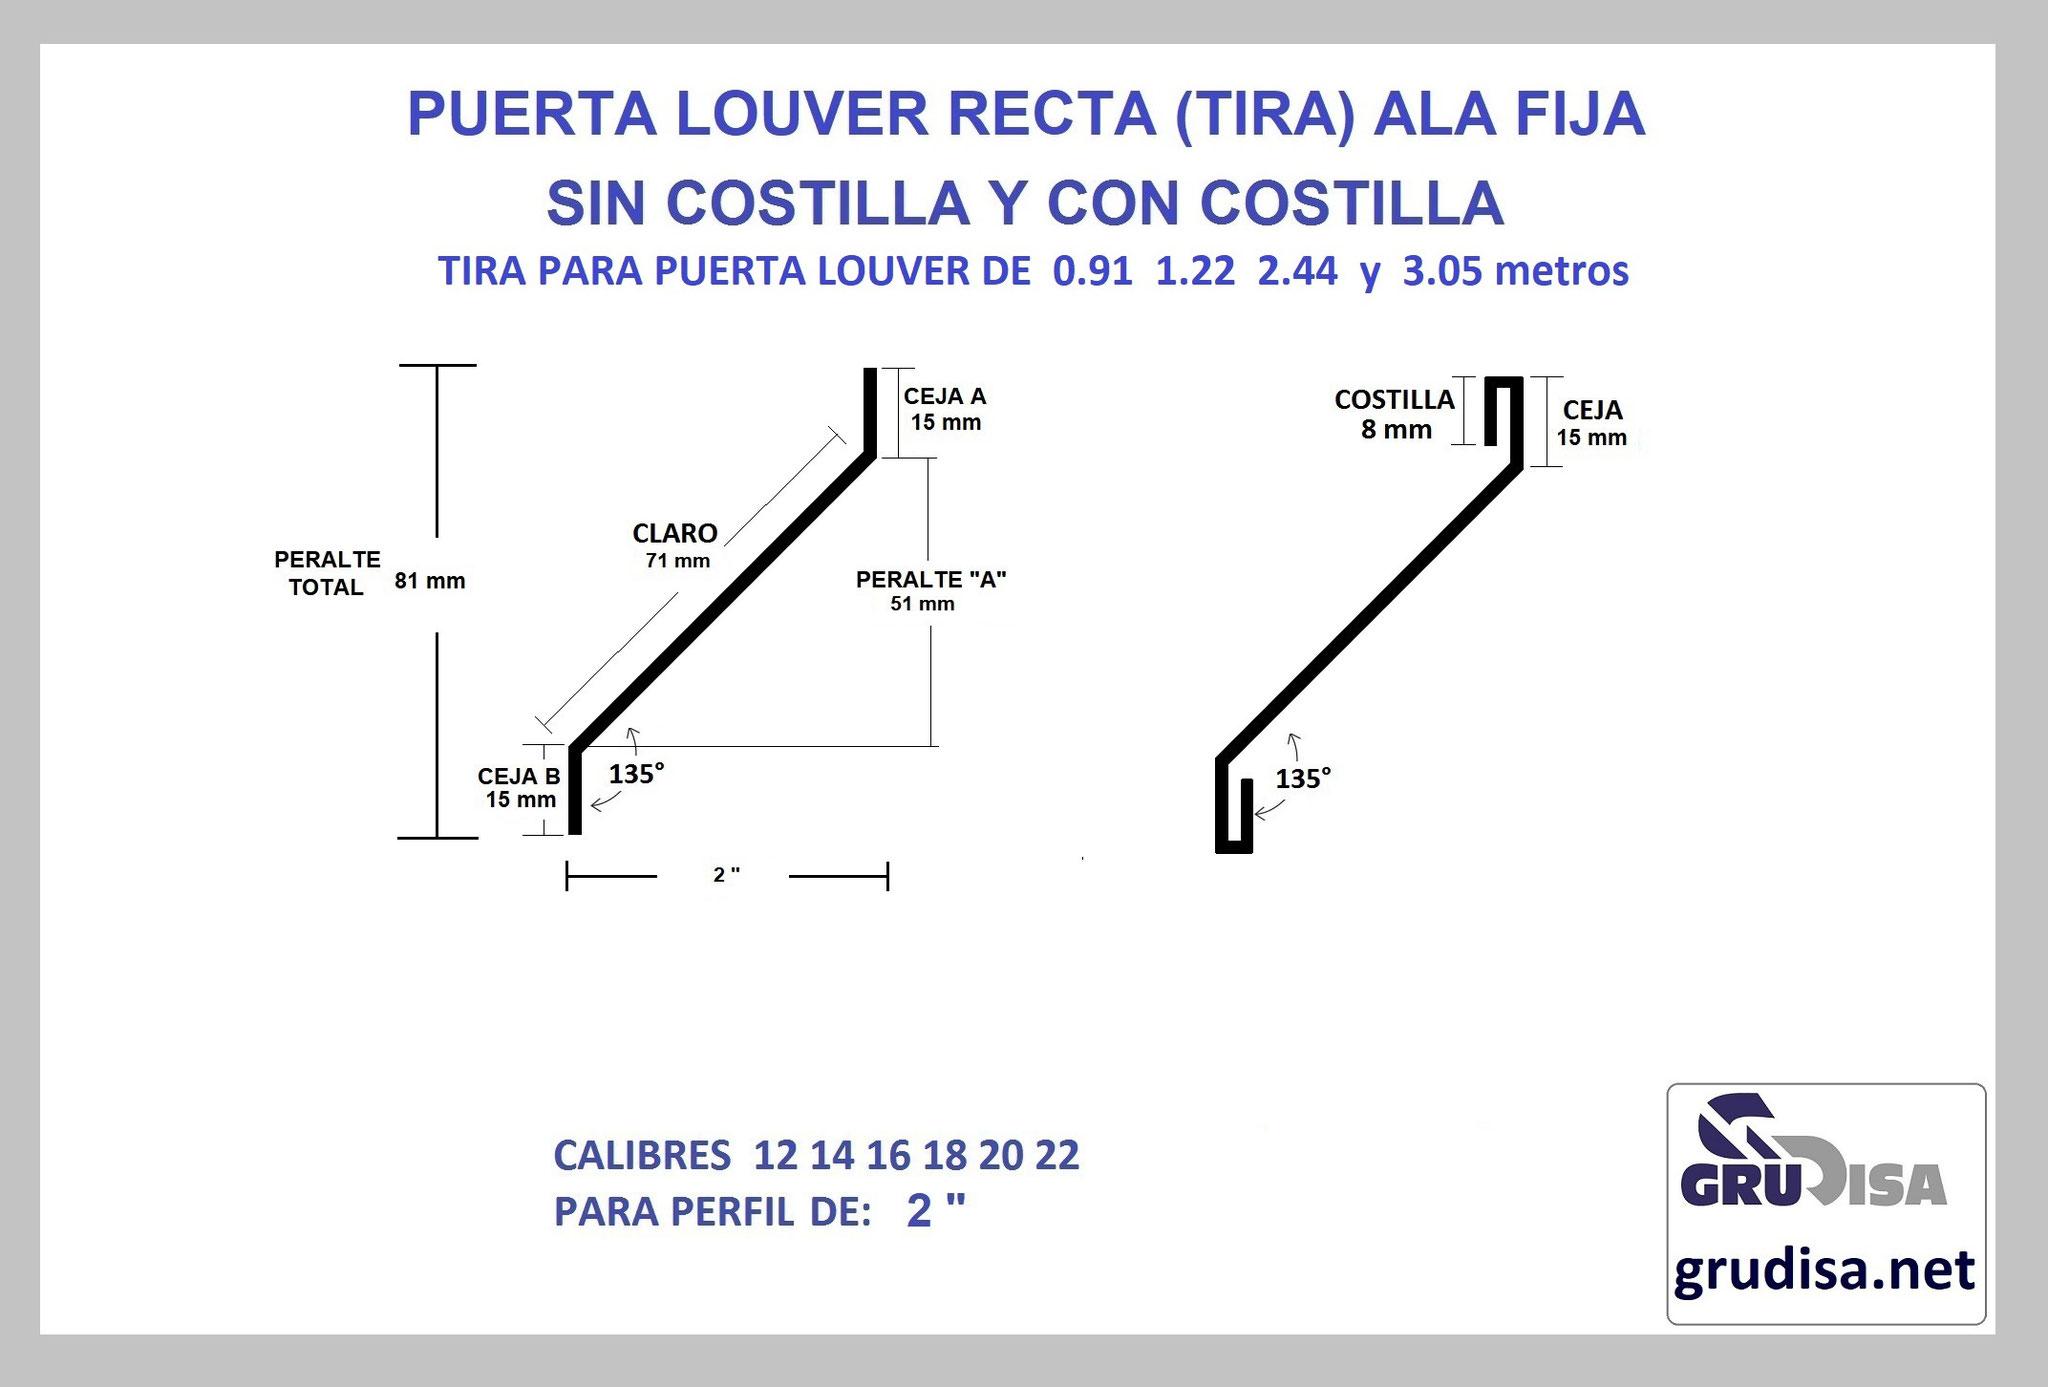 """PUERTA LOUVER (TIRA) MODELO RECTA PARA ARMAR EN PERFIL DE 2"""""""